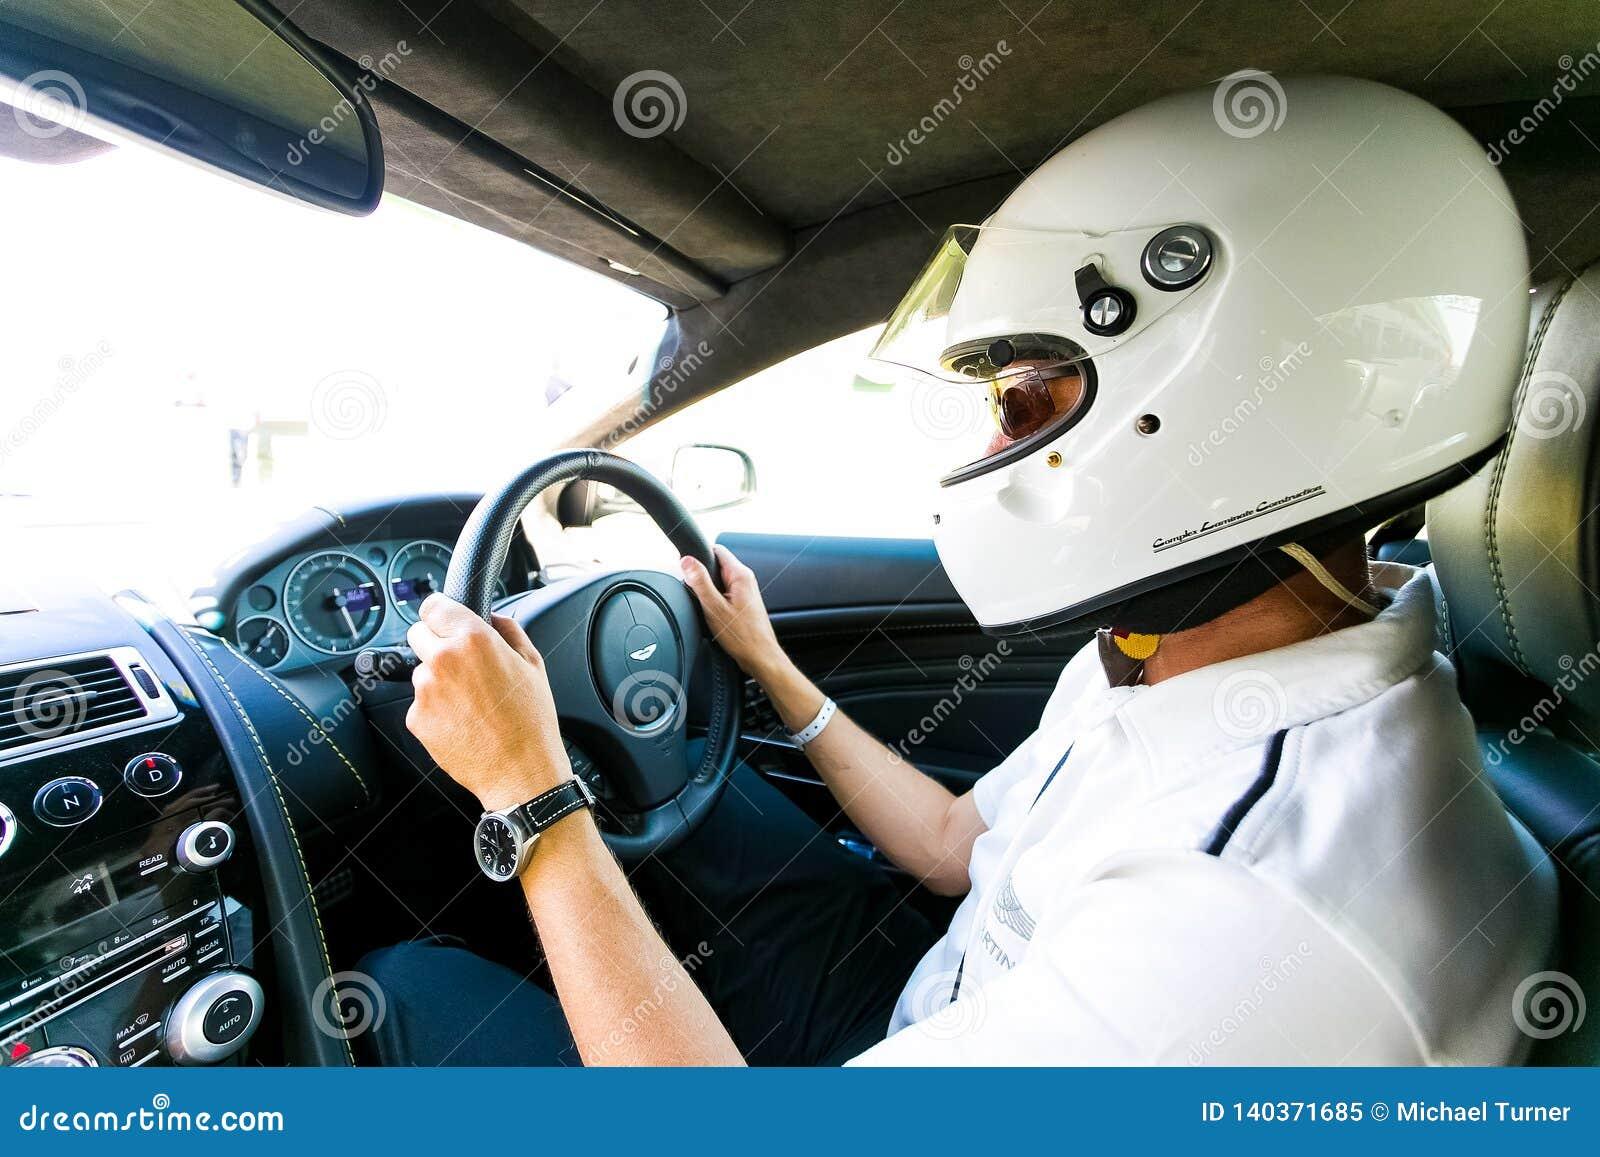 Rennwagen-Fahrer in einem Aston Martin Sports Car